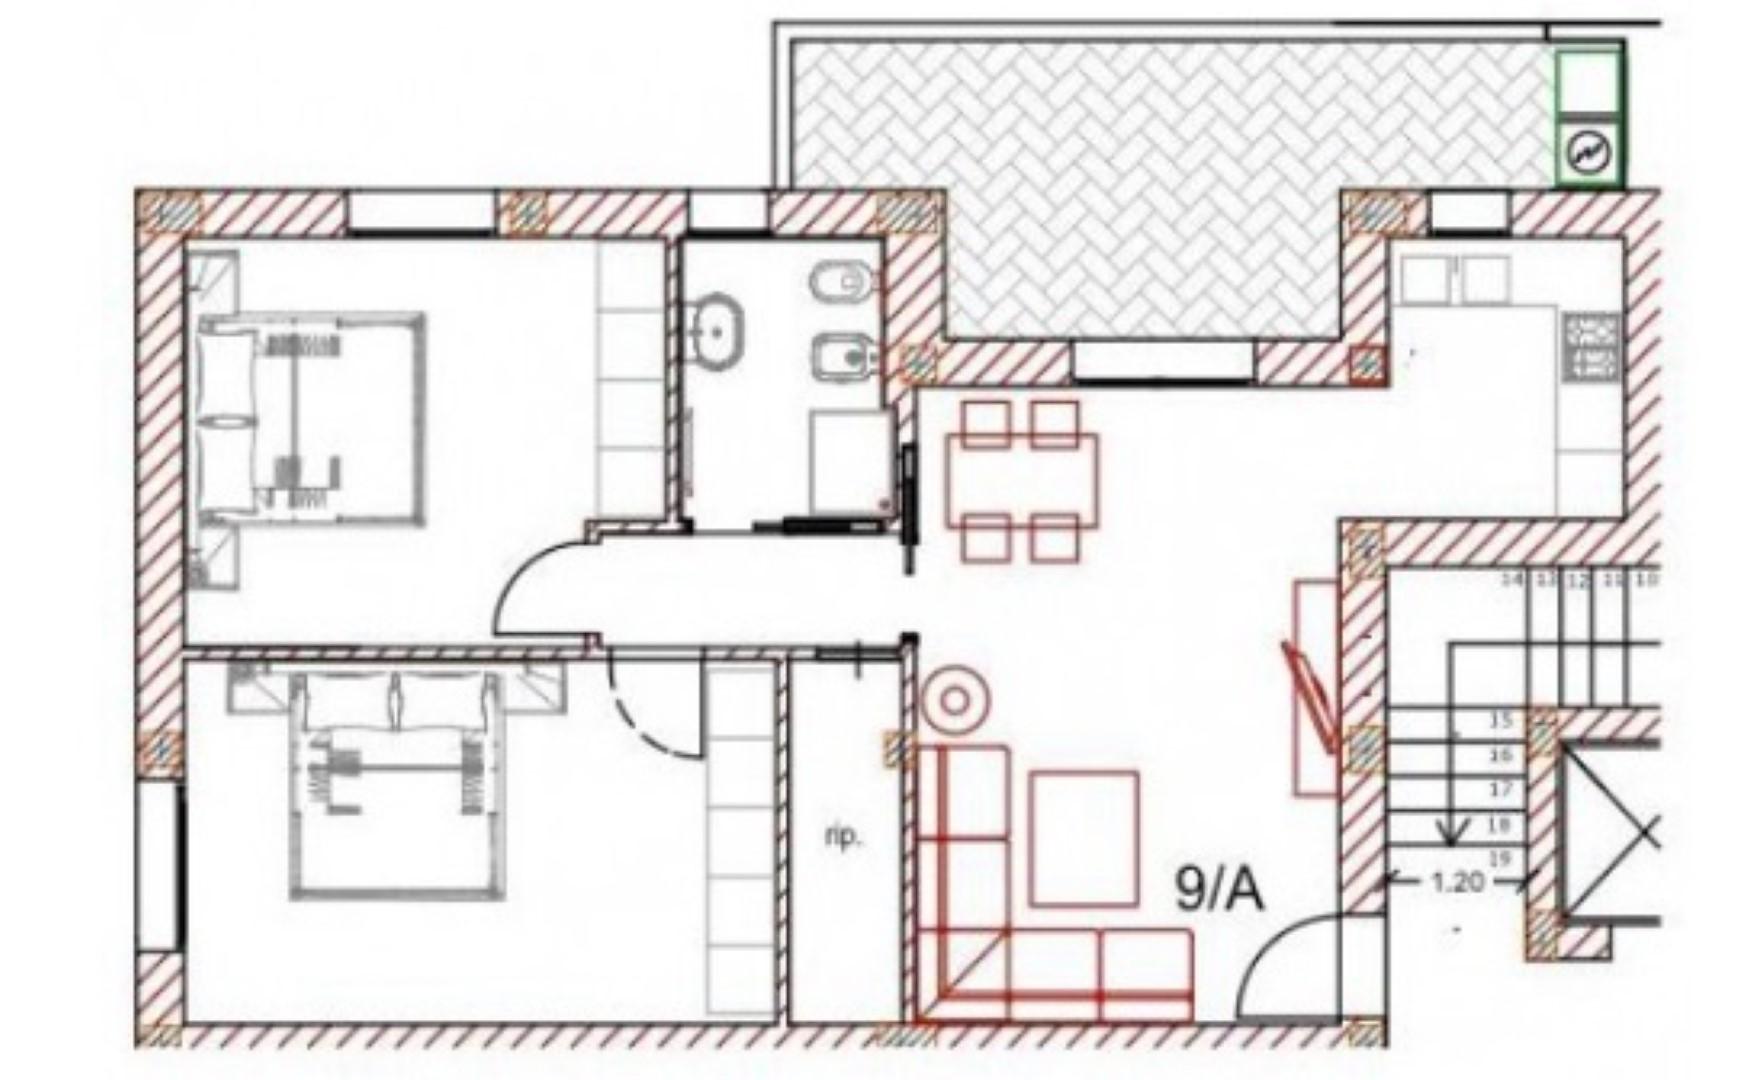 Planimetria 1/1 per rif. SITO50402